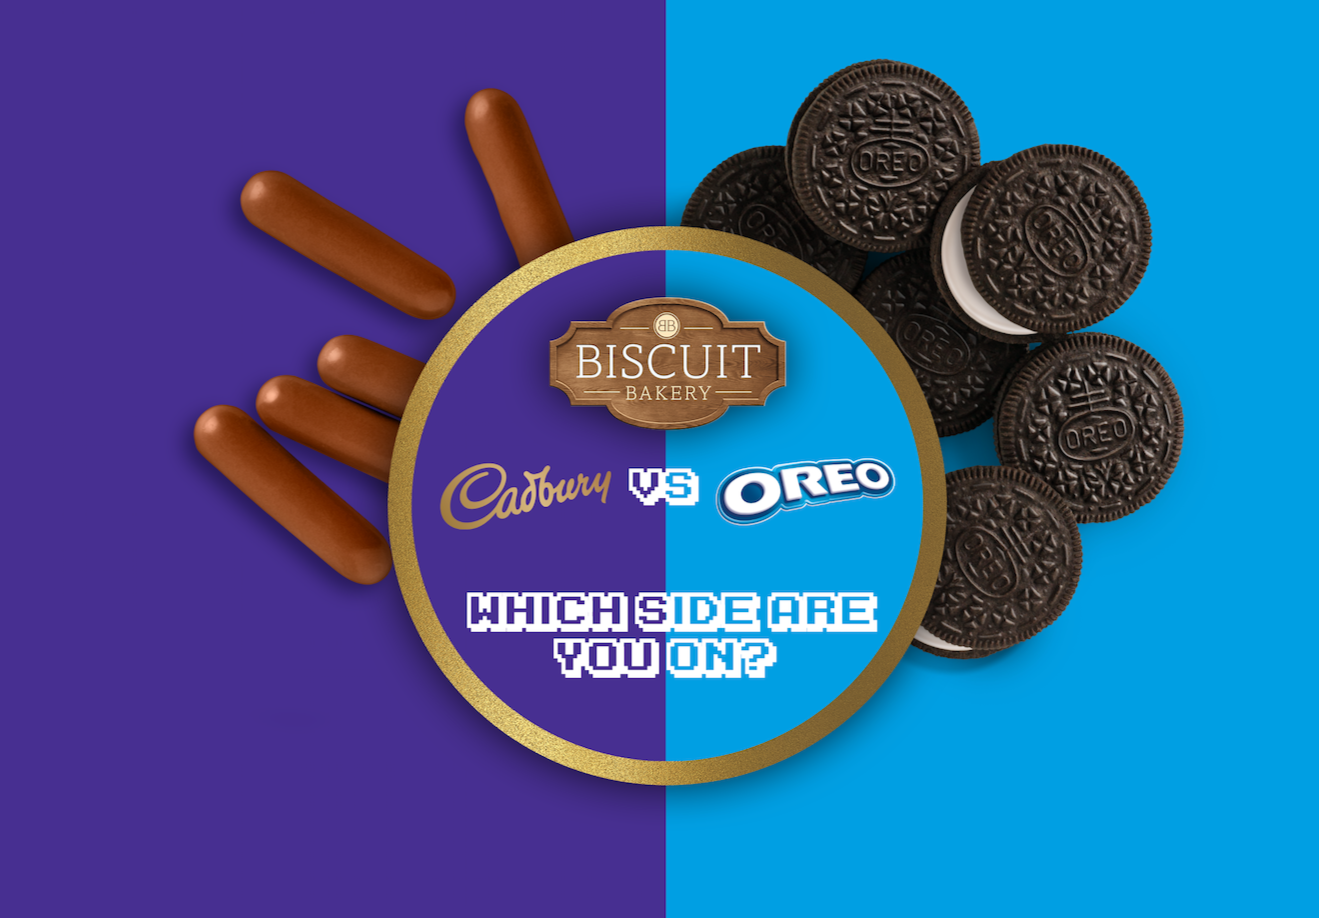 Mondelez Biscuit Bakery - Cadbury vs Ore